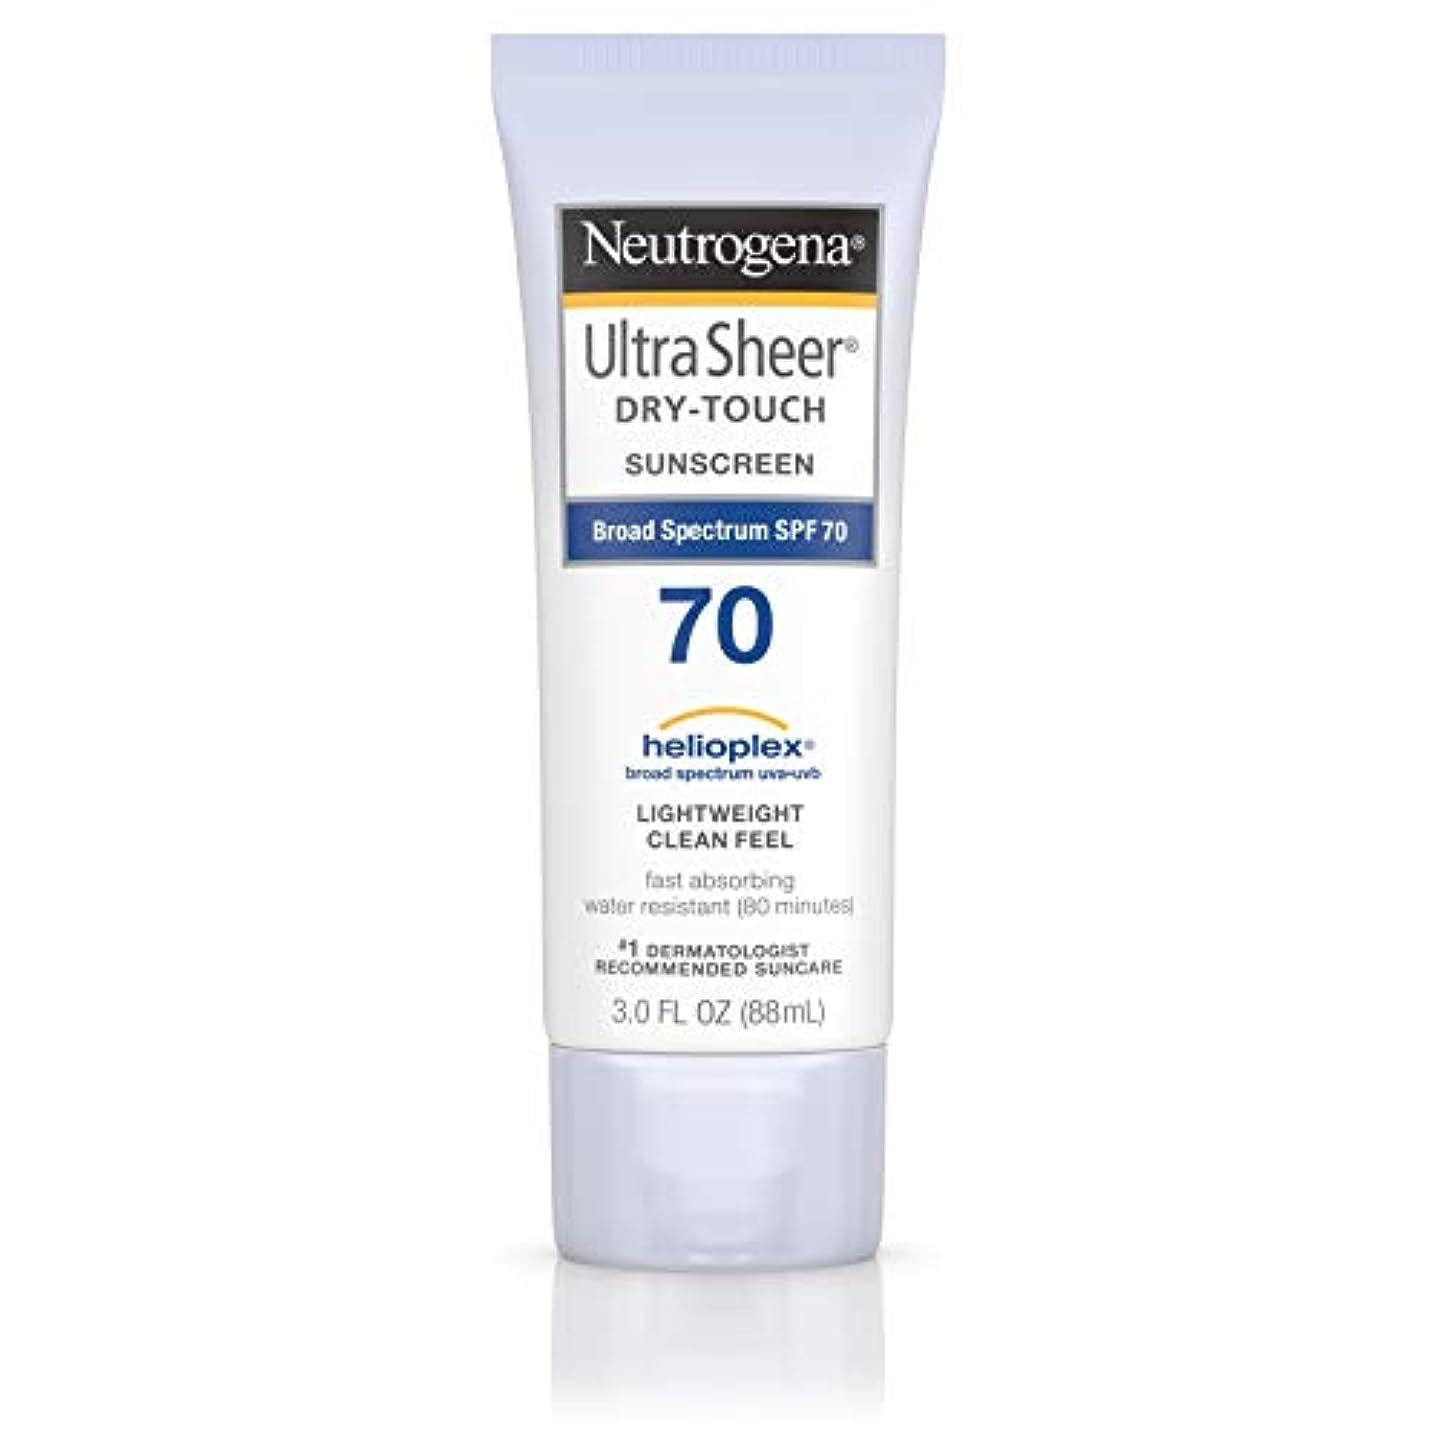 国内の変更可能アナウンサーNeutrogena Ultra Sheer Dry-Touch Sunscreen, SPF 70, 88 ml (並行輸入品)